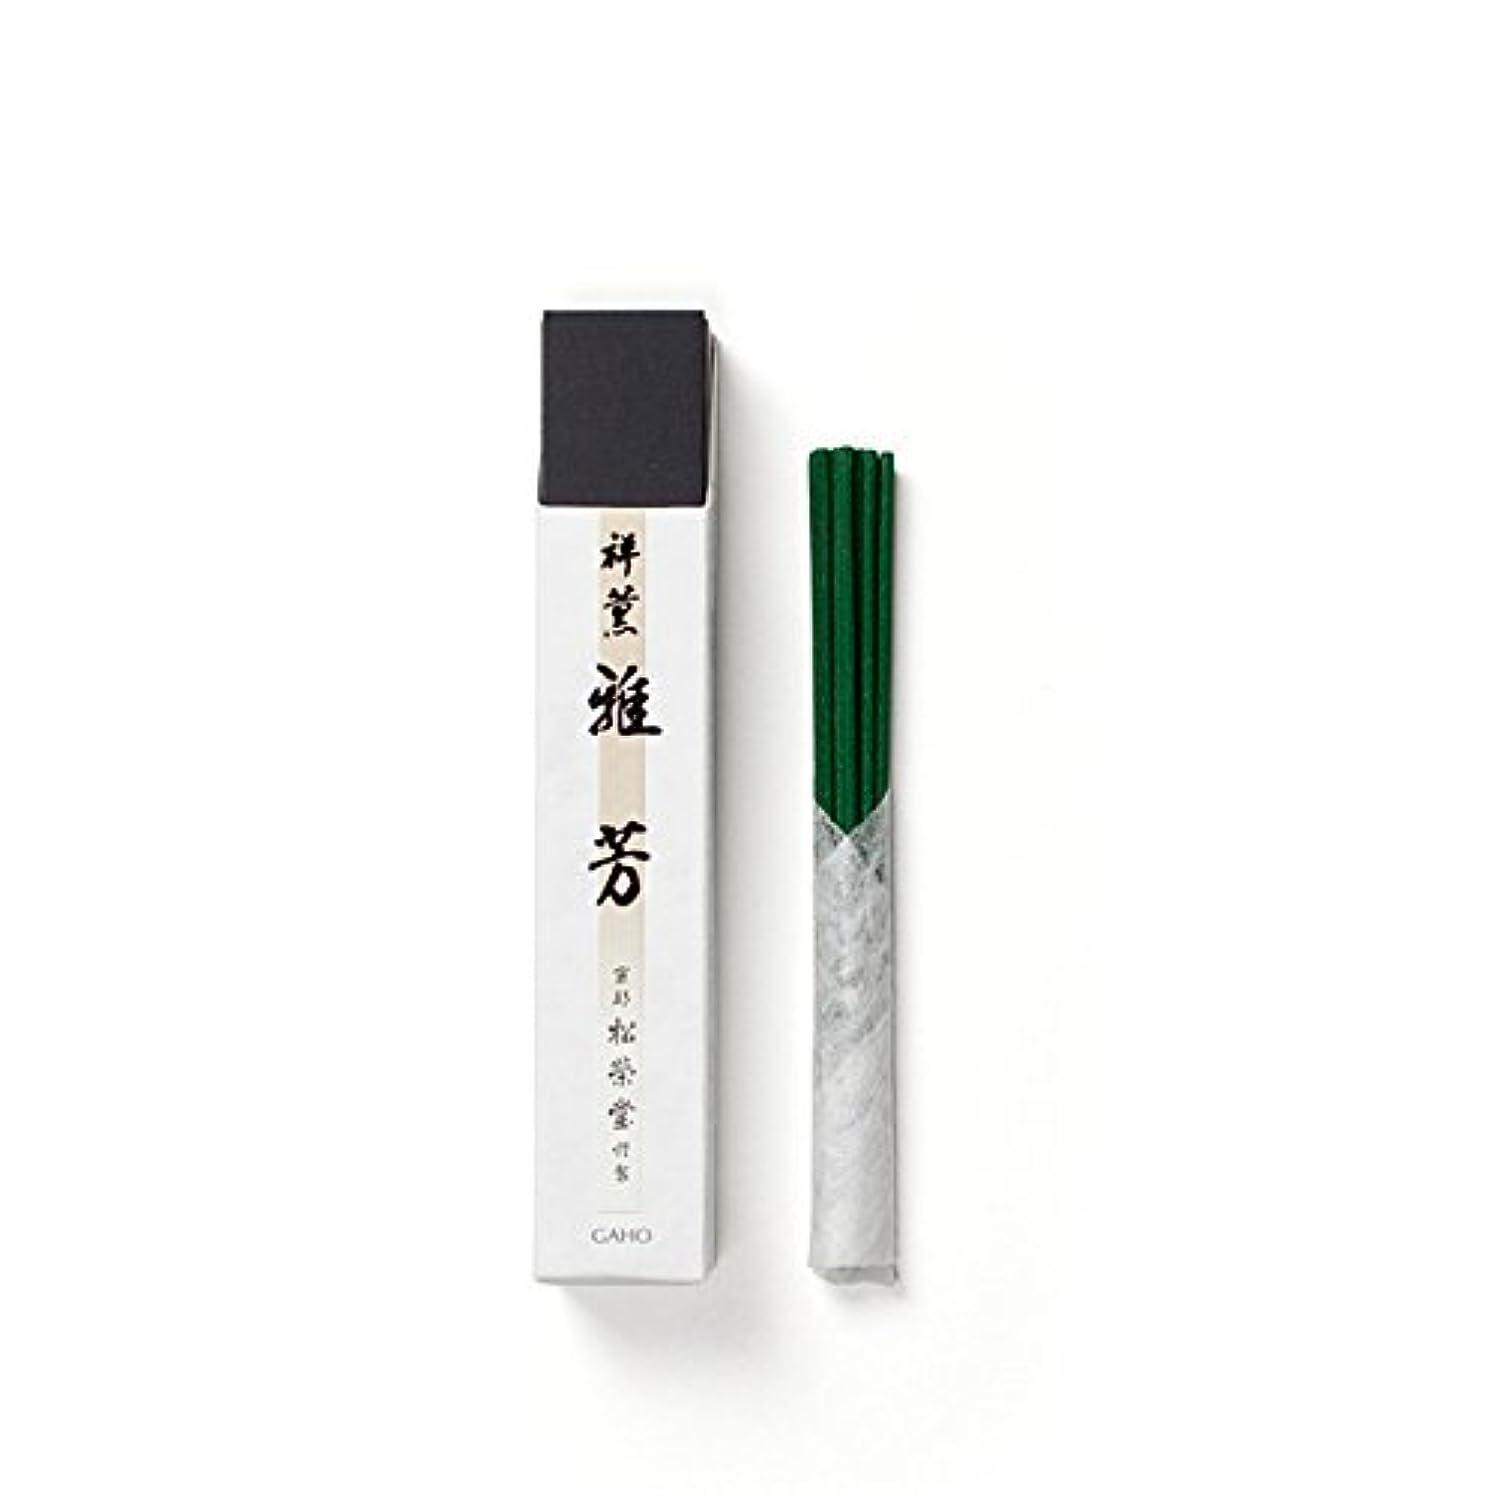 正義ポスタークール松栄堂のお香 祥薫 雅芳 15本入